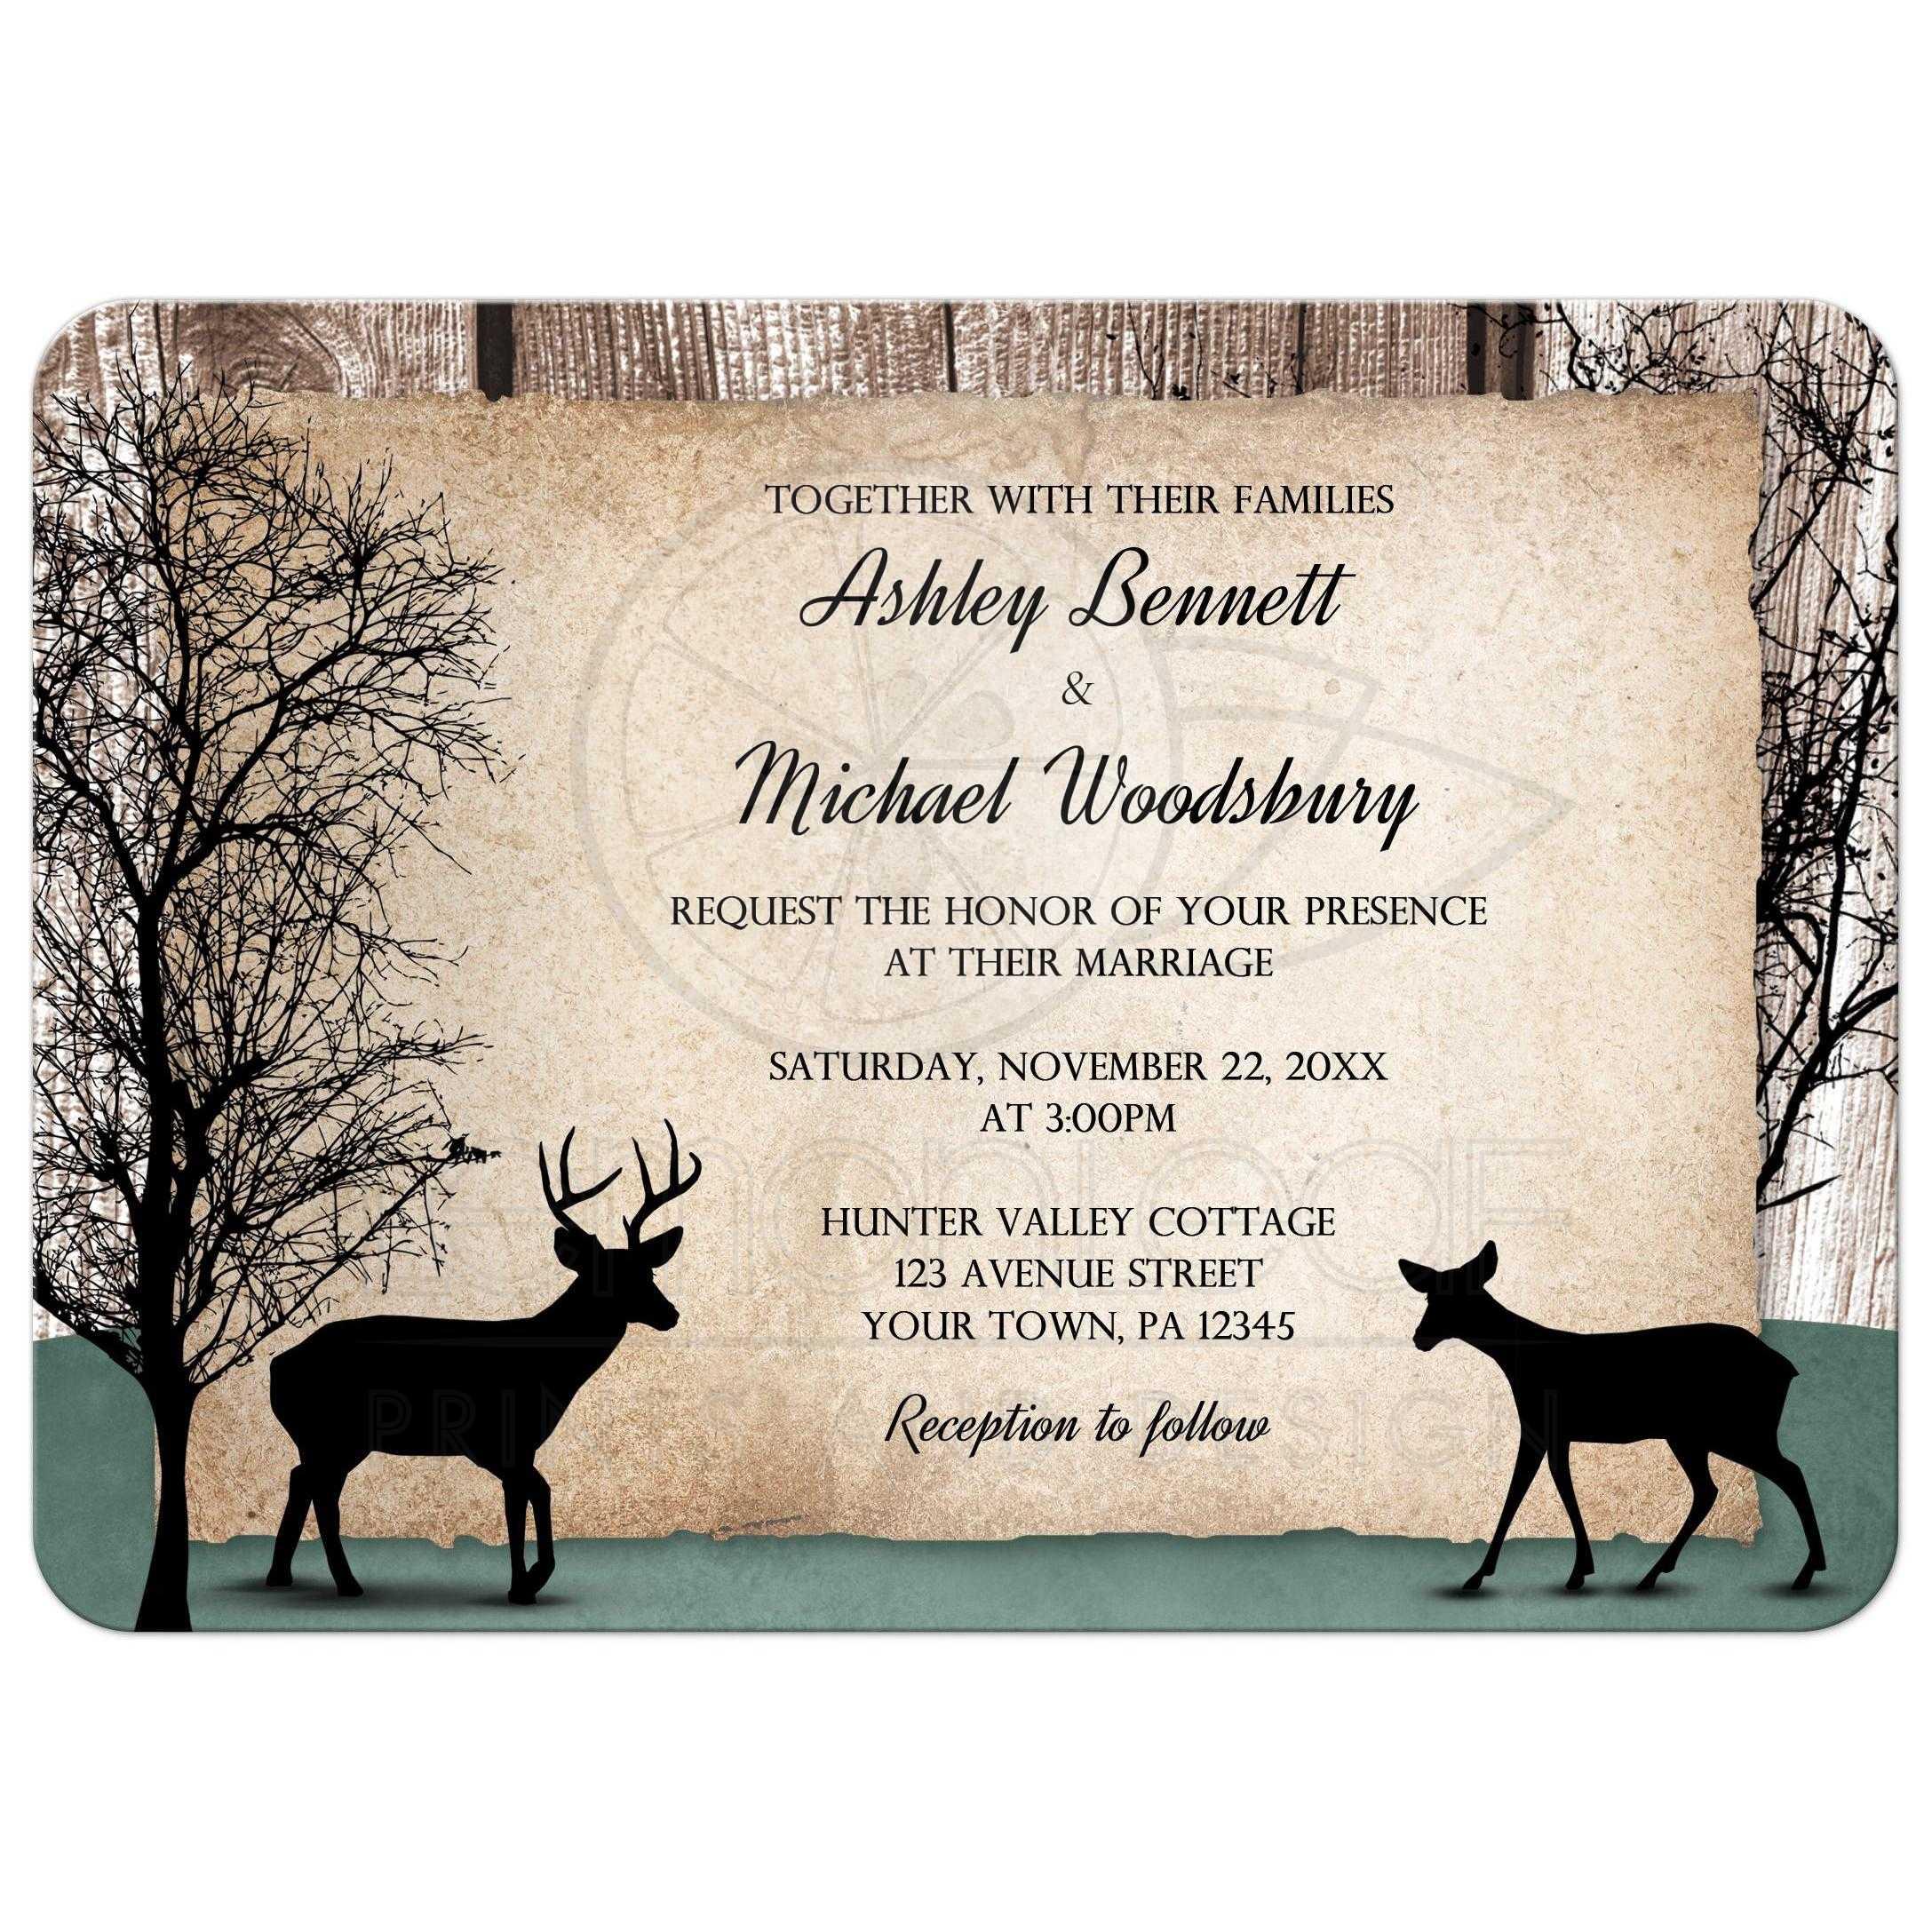 Rustic Woodsy Wedding Ideas: Wedding Invitations